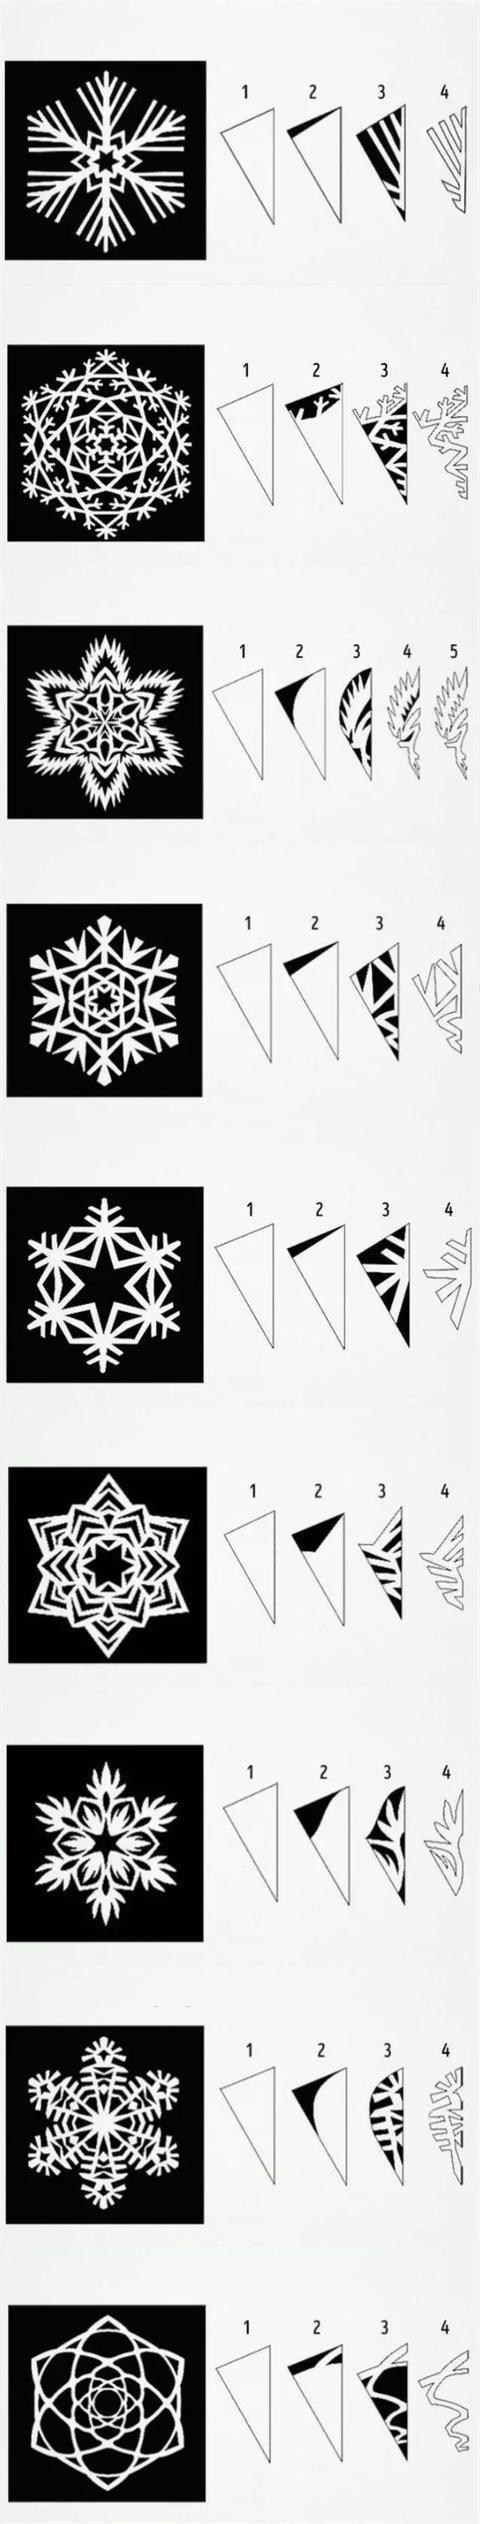 剪刀,铅笔,橡皮,彩纸 步骤: 首先是雪花纸的折法,雪花是六边形的,所以